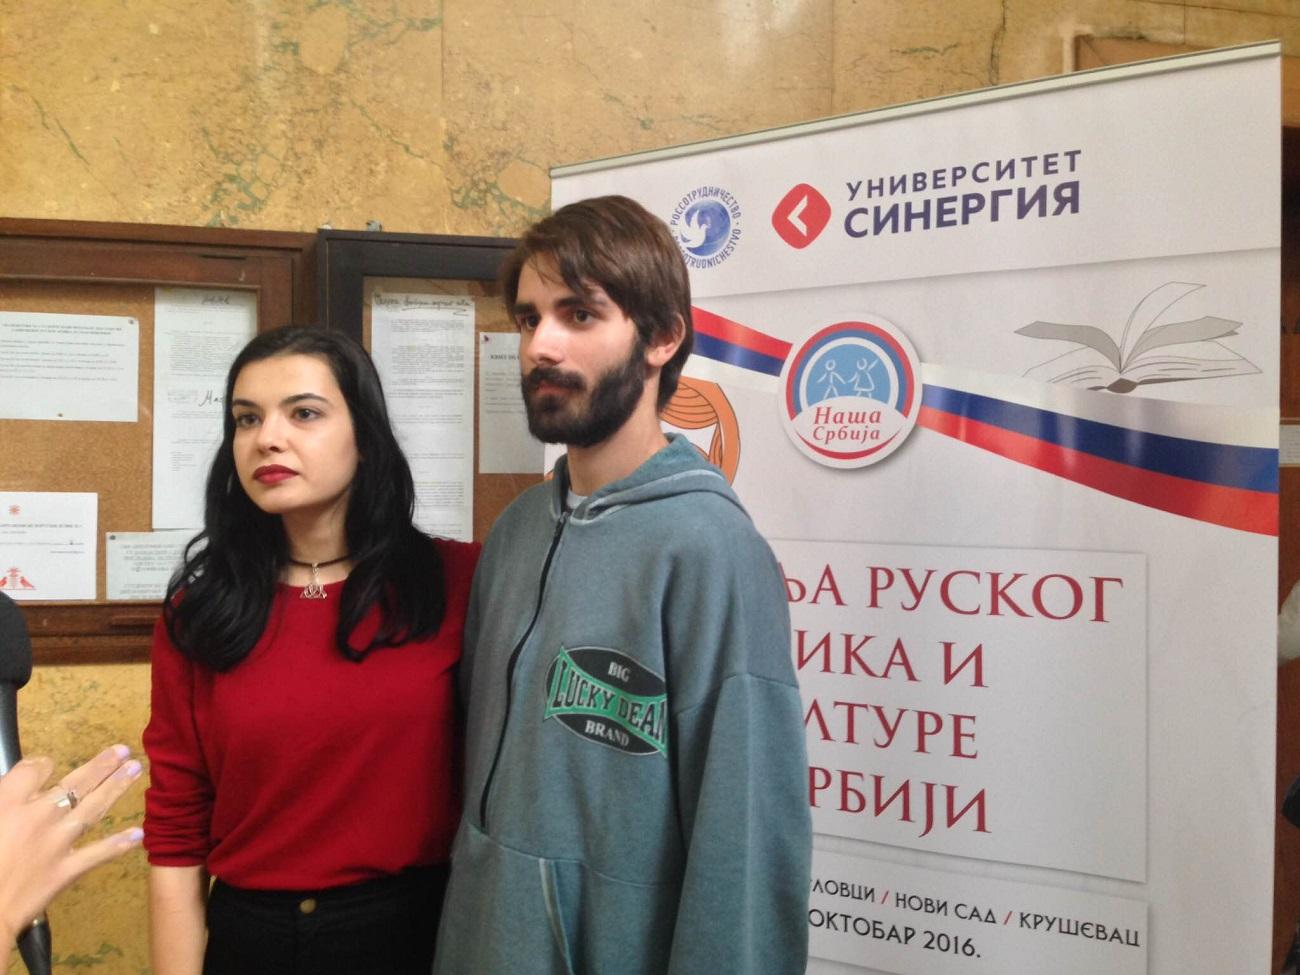 Марко Јевтић студира руски и сања о одласку у Русију.